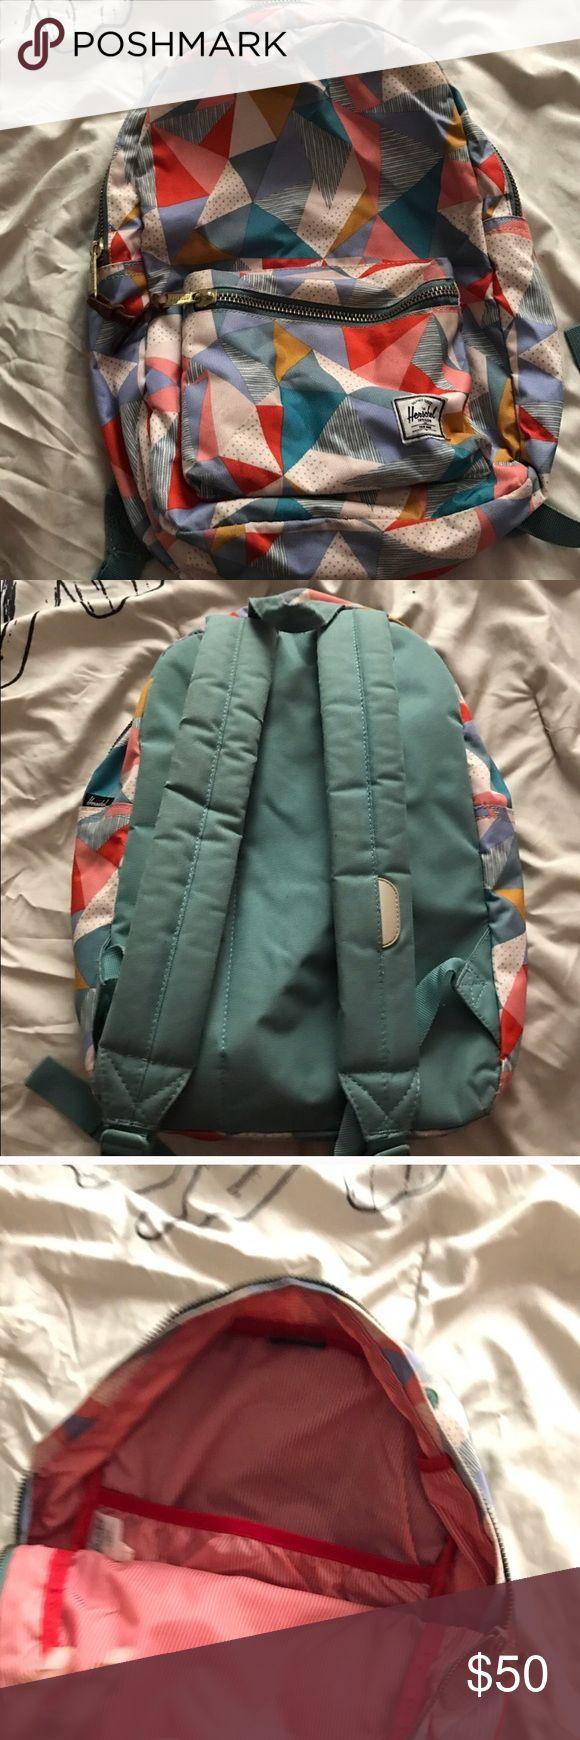 Herschel Bookbag Great condition Herschel Supply Company Bags Backpacks